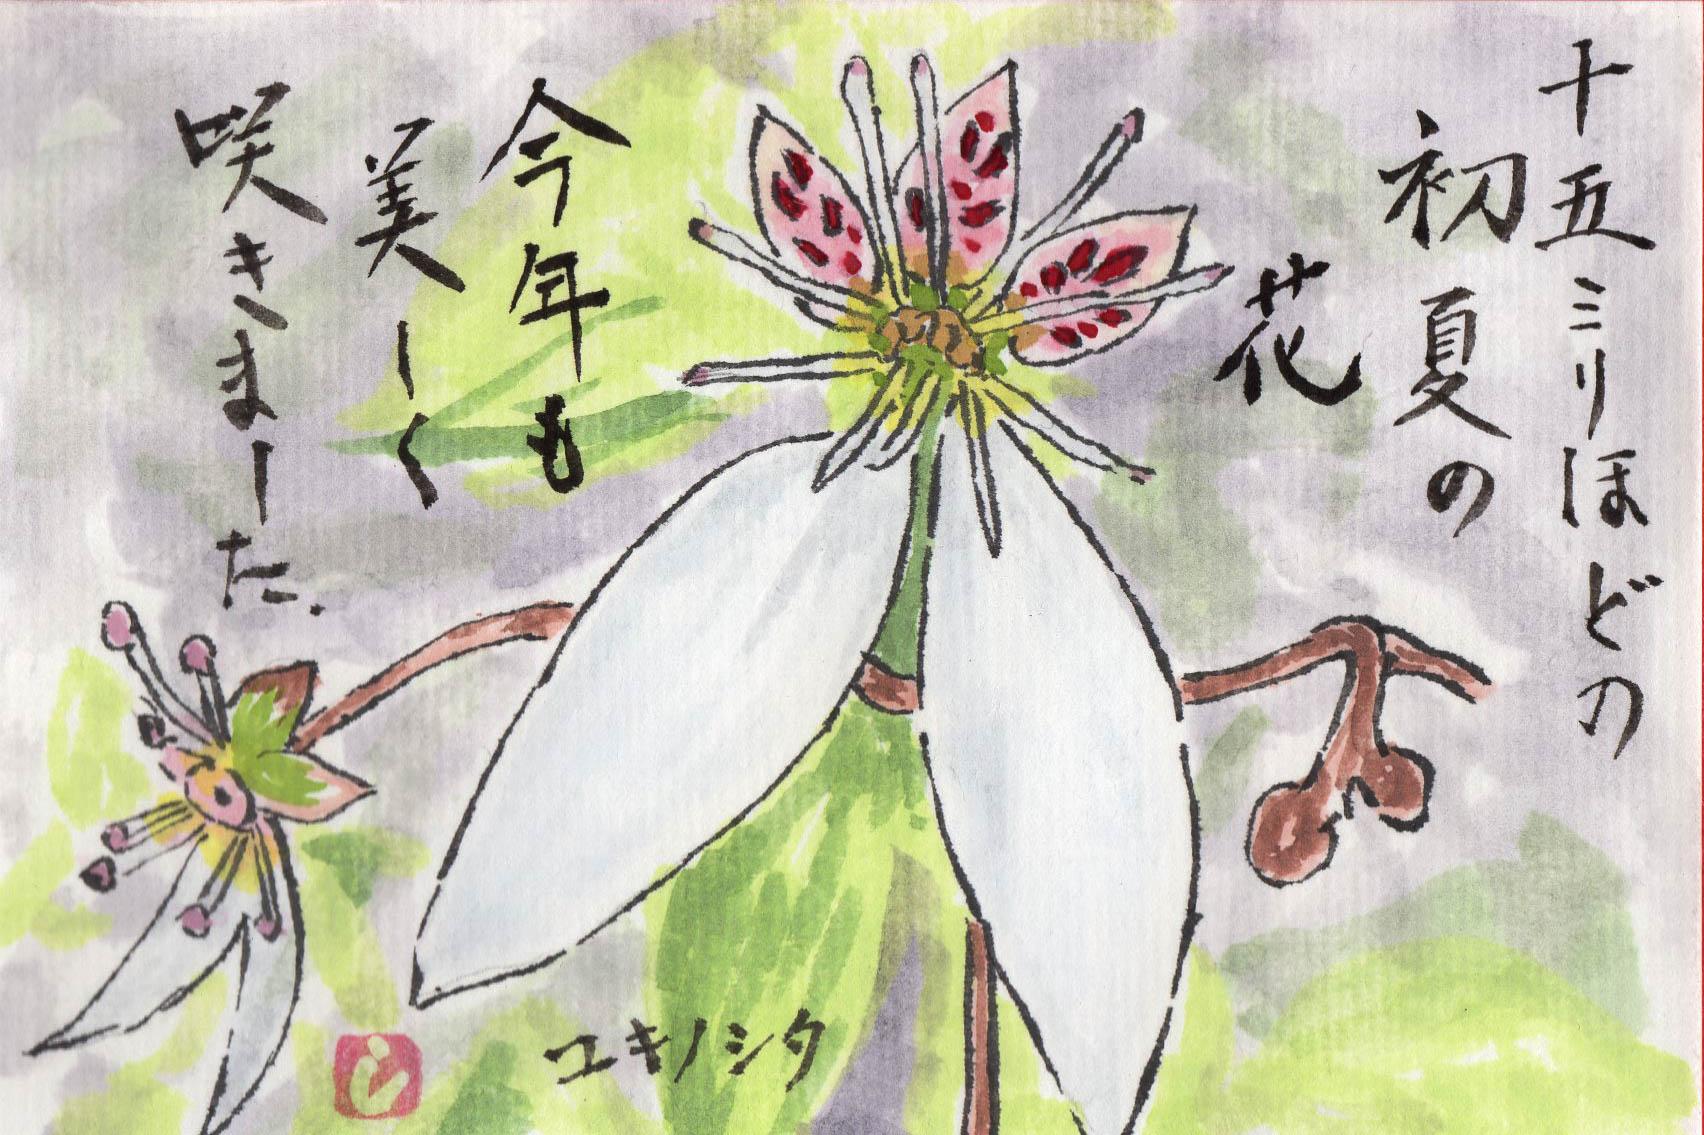 ユキノシタ